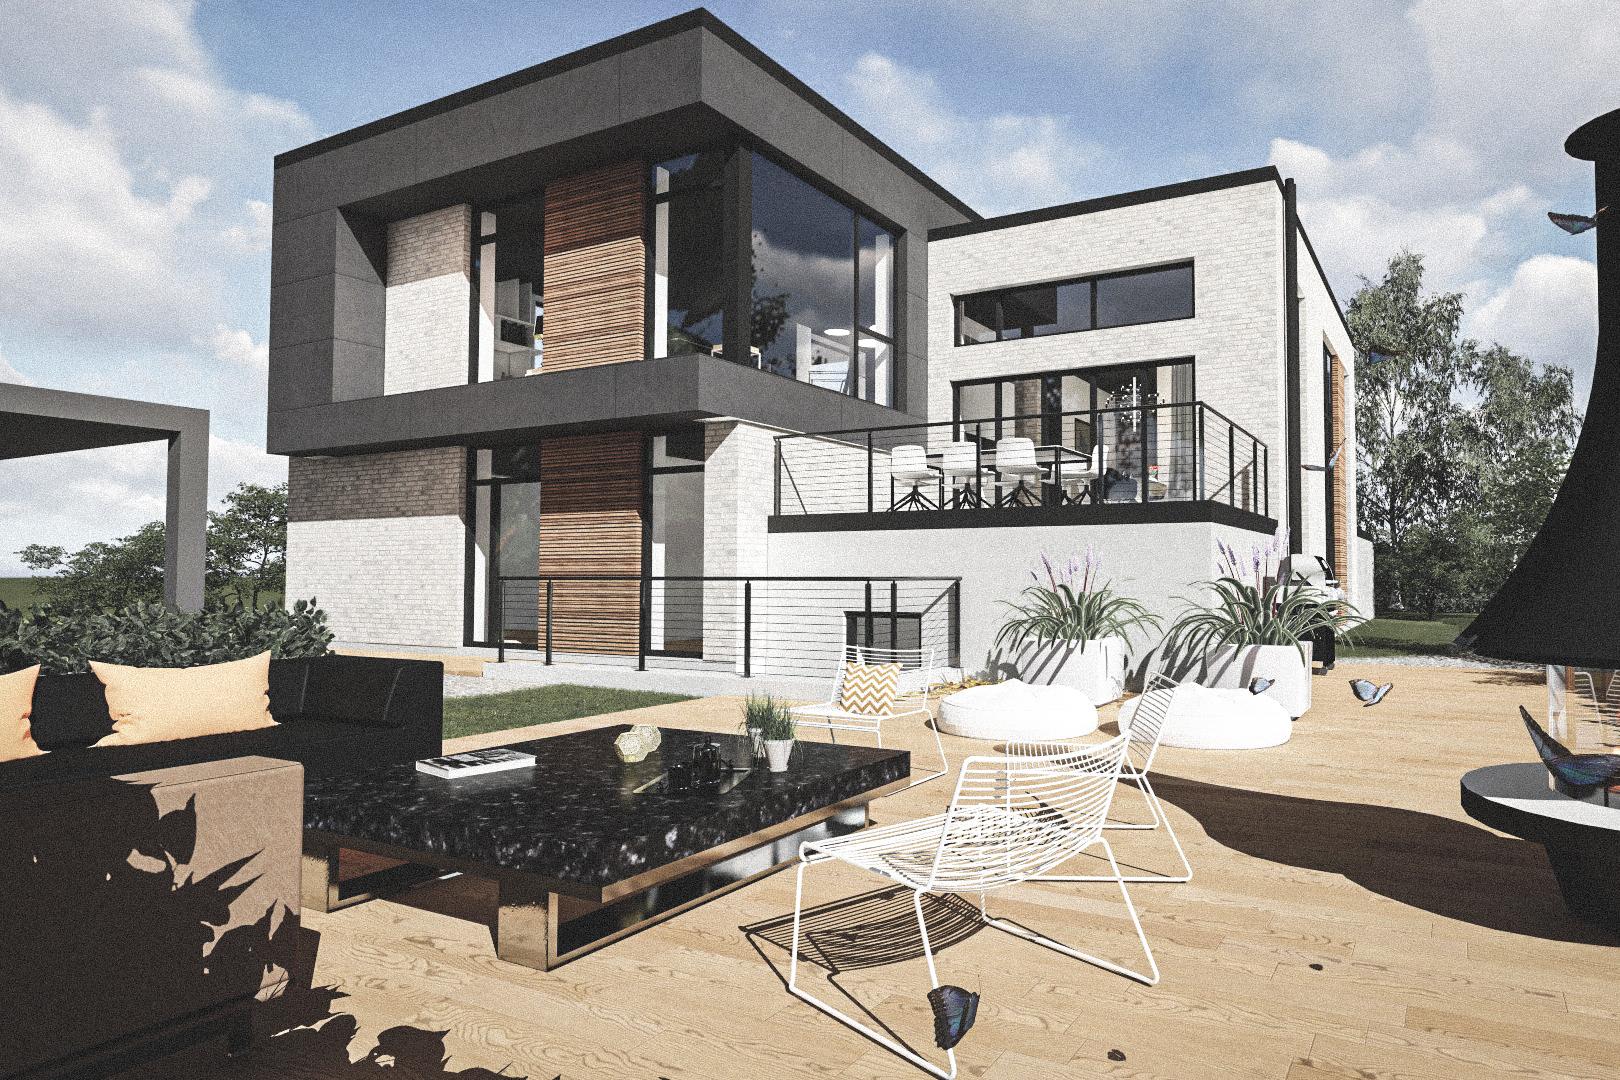 Billede af Dansk arkitekttegnet 3 plan villa af arkitektfirmaet m2plus, i Aarhus på 344 kvartratmeter.